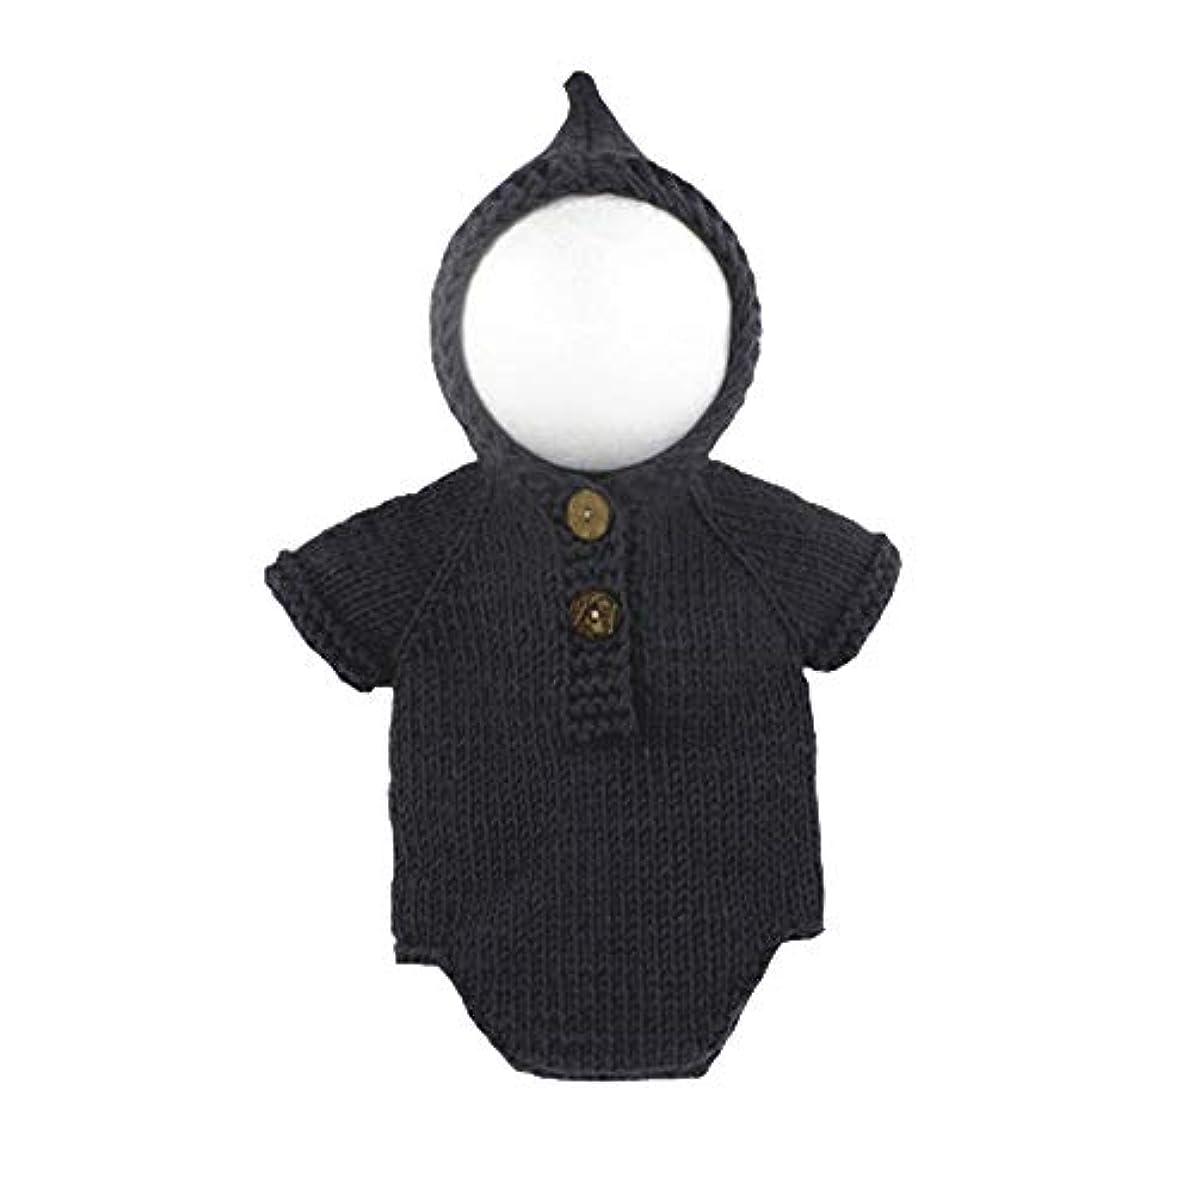 テキスト普通に次記念写真 かわいい オネシーズ 毛糸製 コスチューム 出産お祝い 柔らかいセーター ベビー かわいい ダークグレー